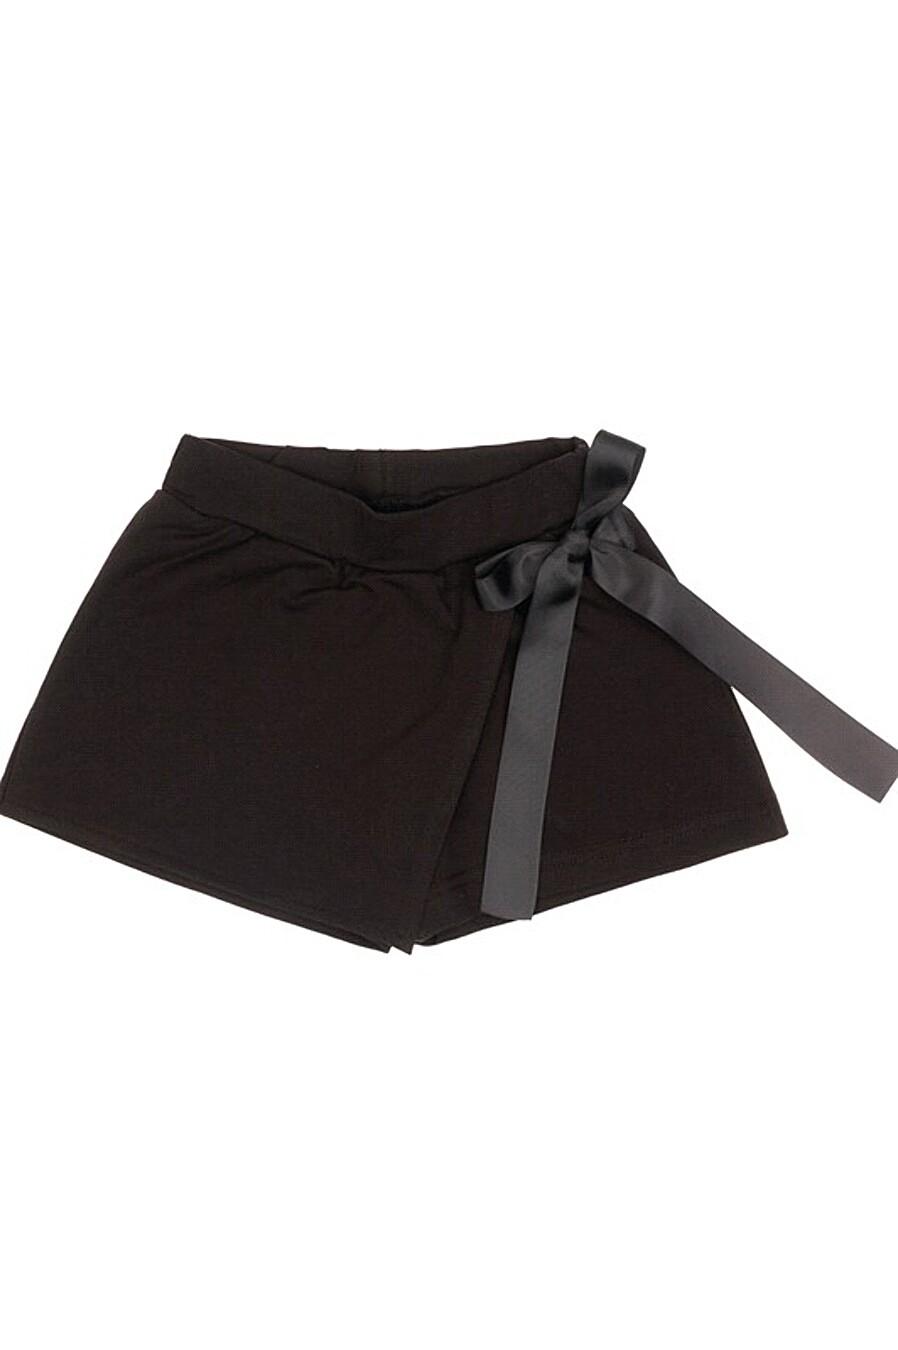 Шорты для девочек АПРЕЛЬ 219081 купить оптом от производителя. Совместная покупка детской одежды в OptMoyo